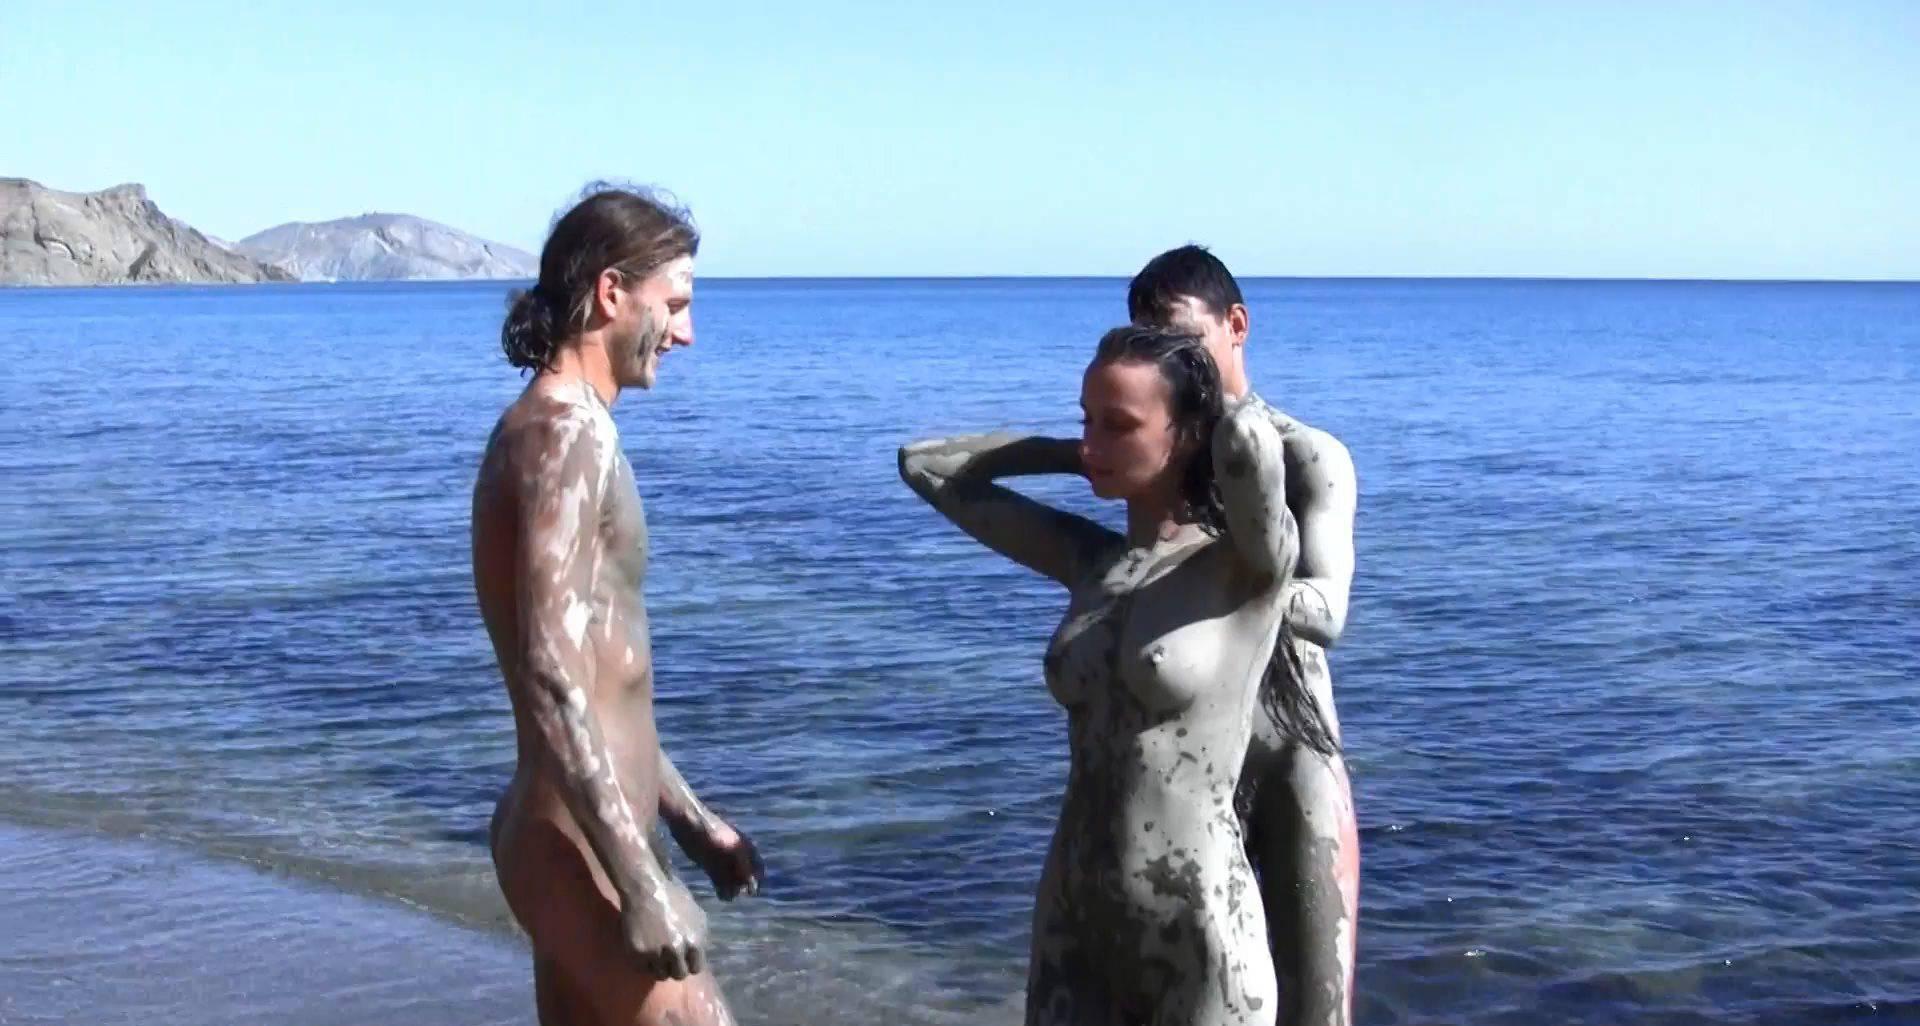 Nudist Movies Ukrainian Sea Boating - 2